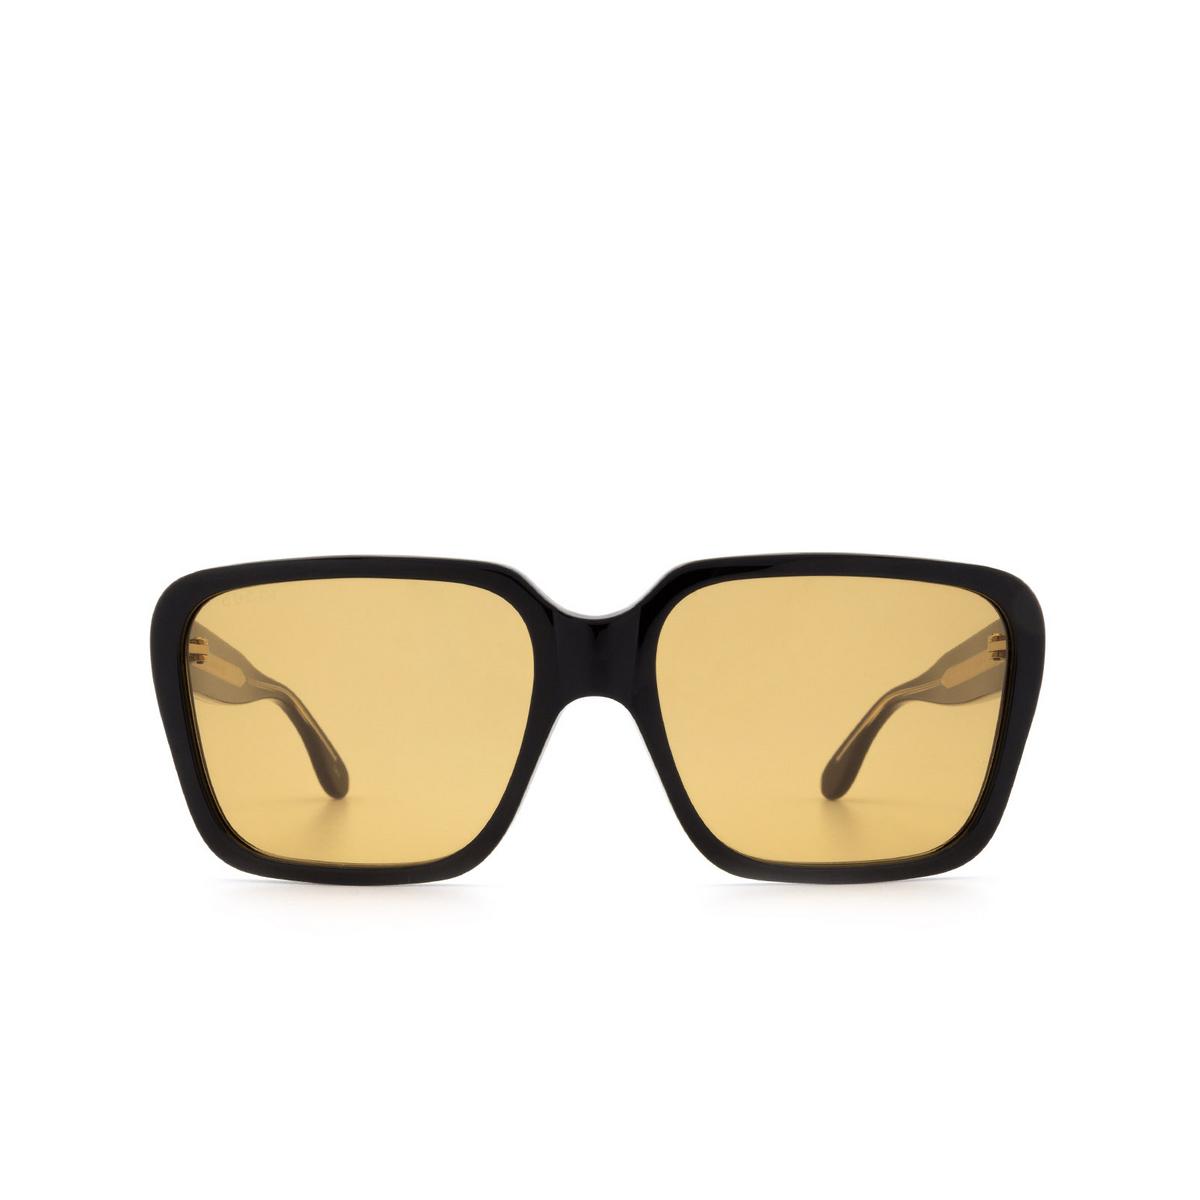 Gucci® Square Sunglasses: GG0786S color Black 001 - 1/3.